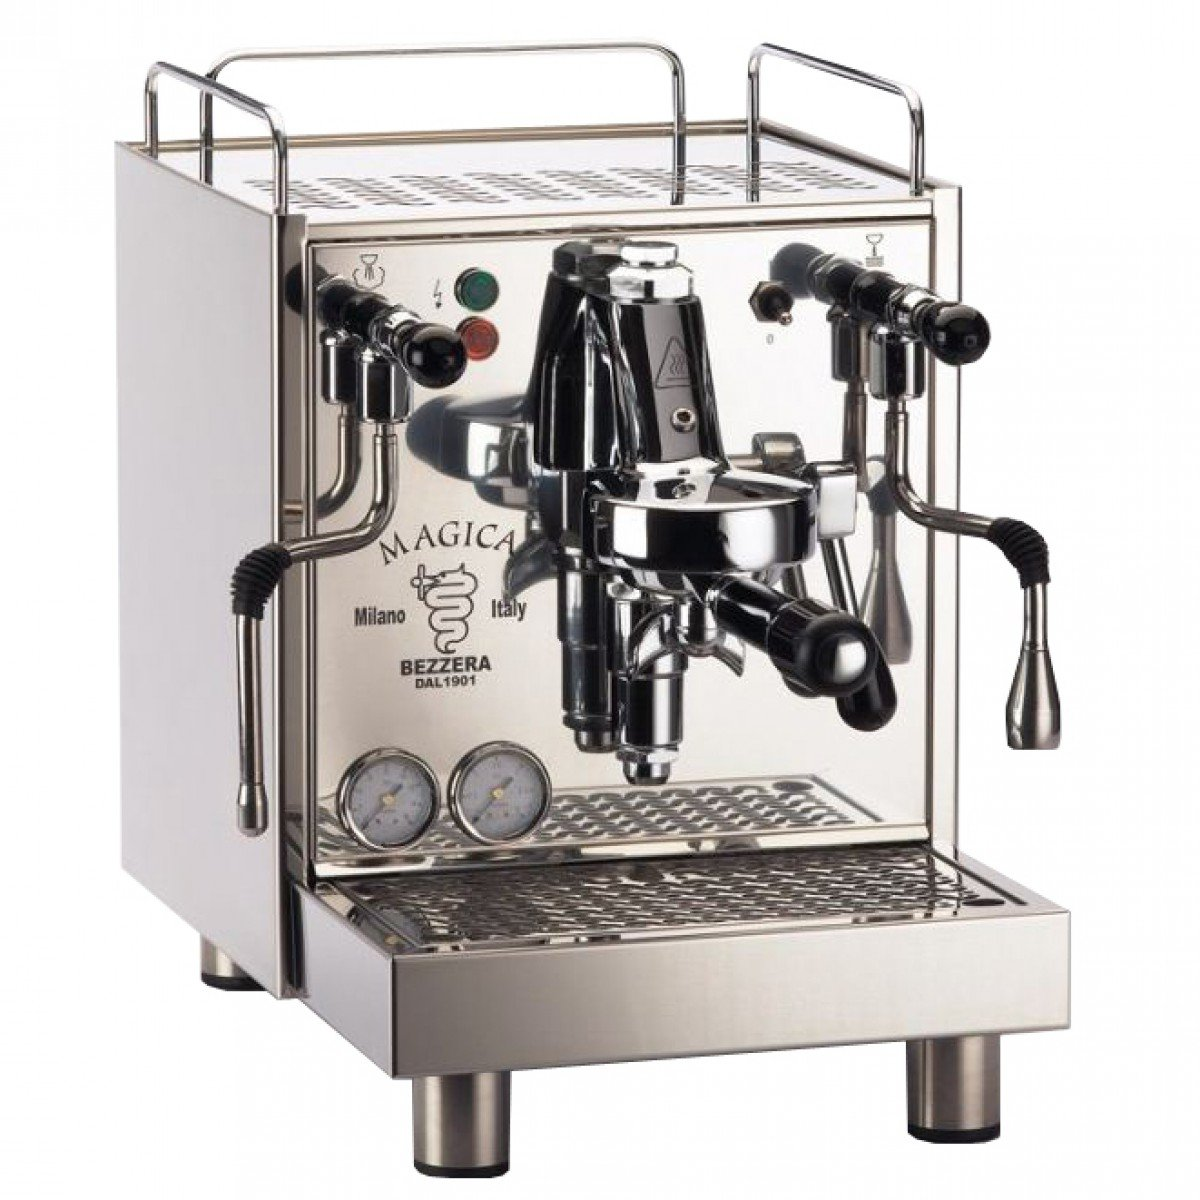 Bezzera-Magica-Espressomaschine